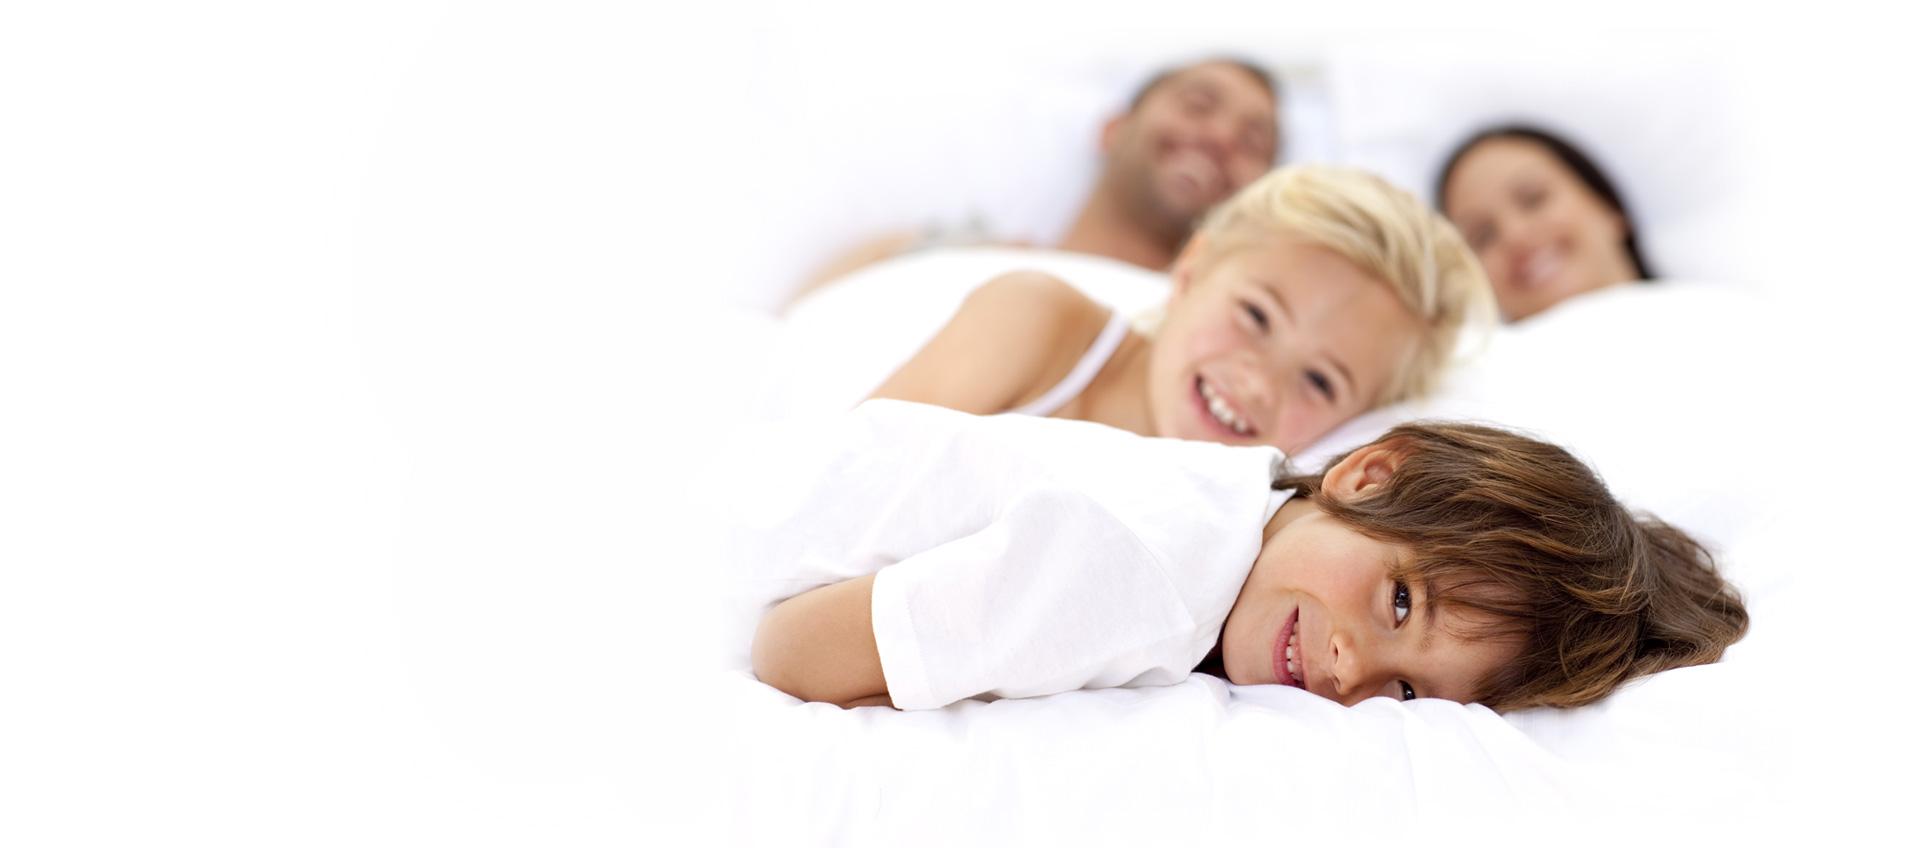 מיטות נוער או מיטה וחצי?